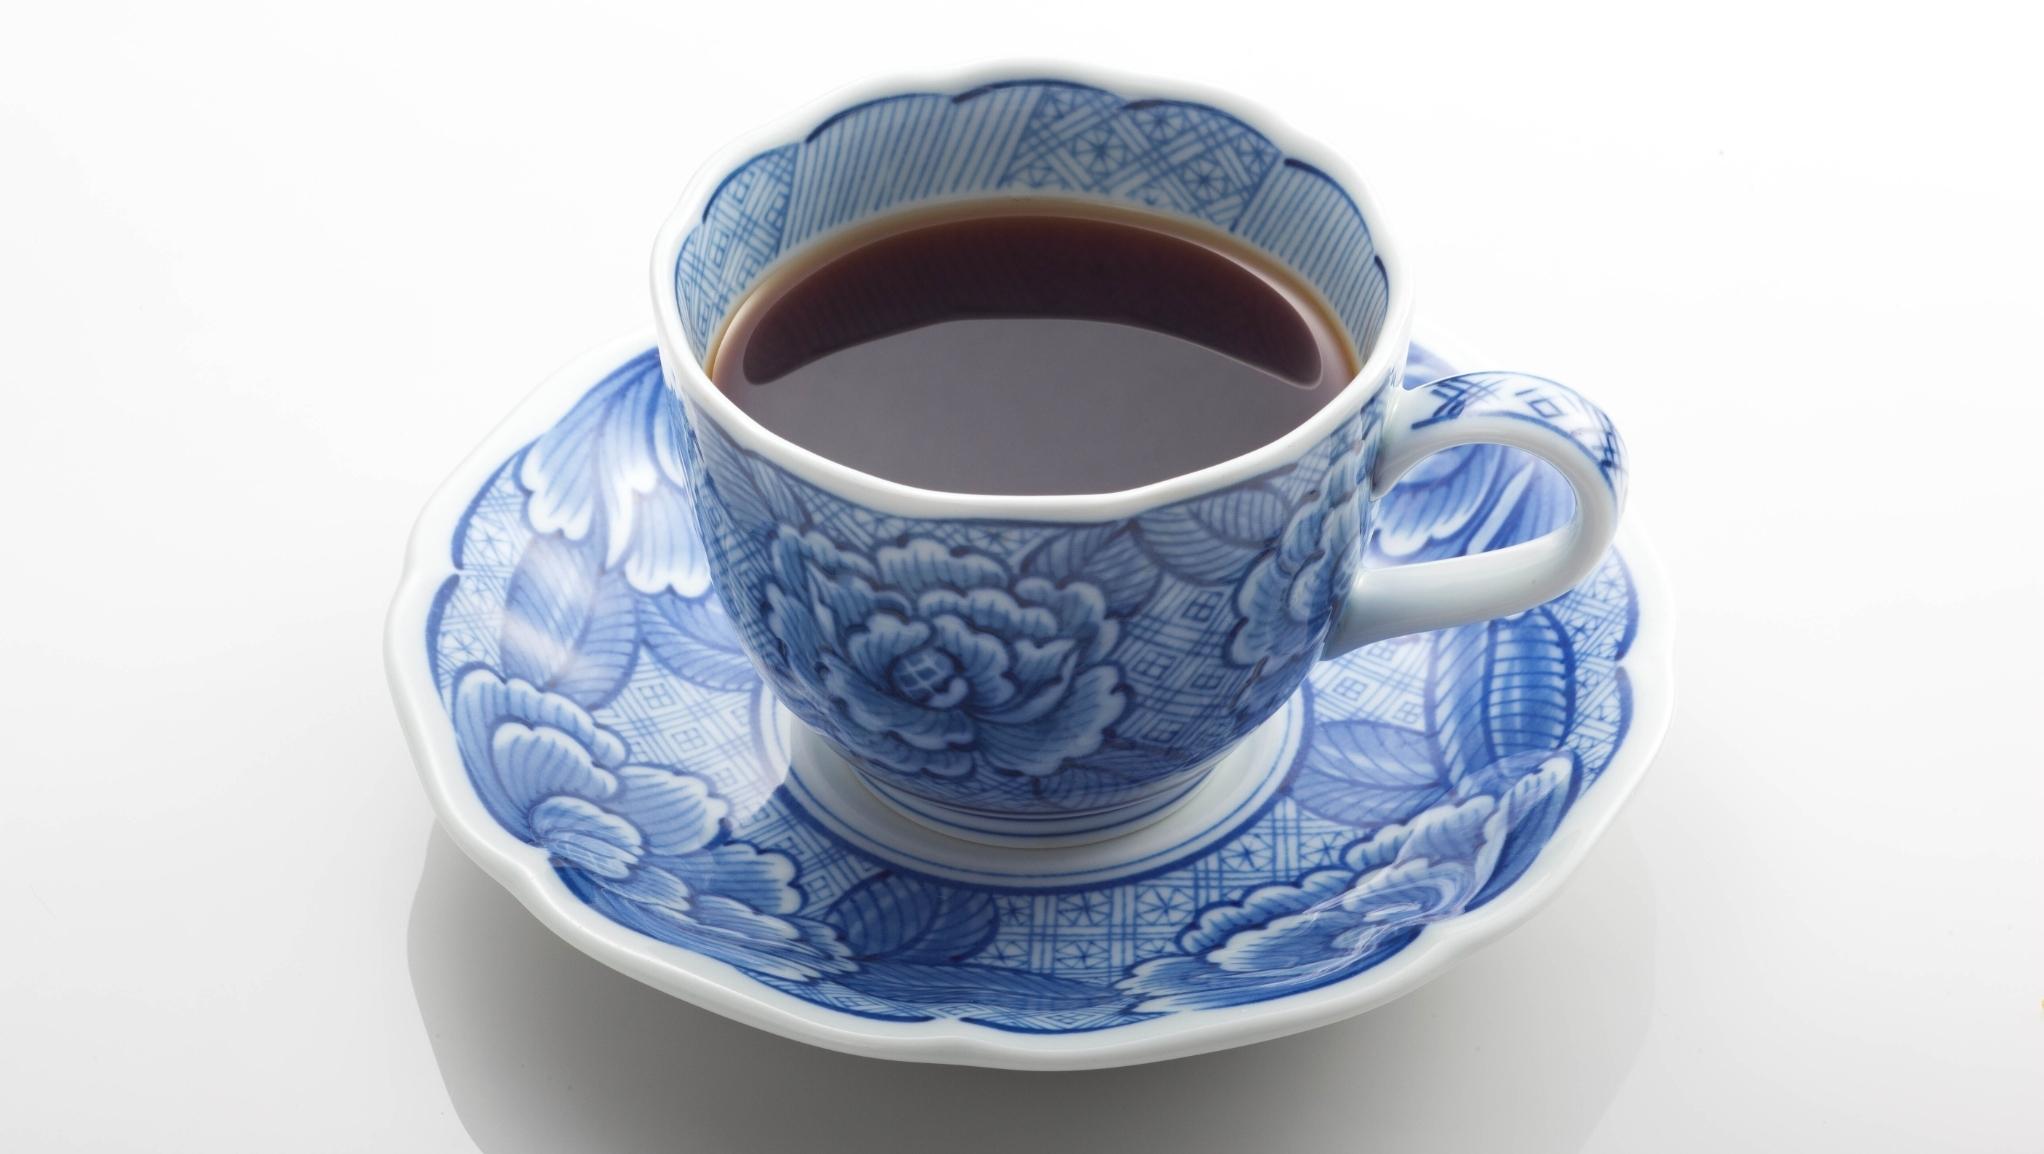 オリジナルブレンドコーヒー